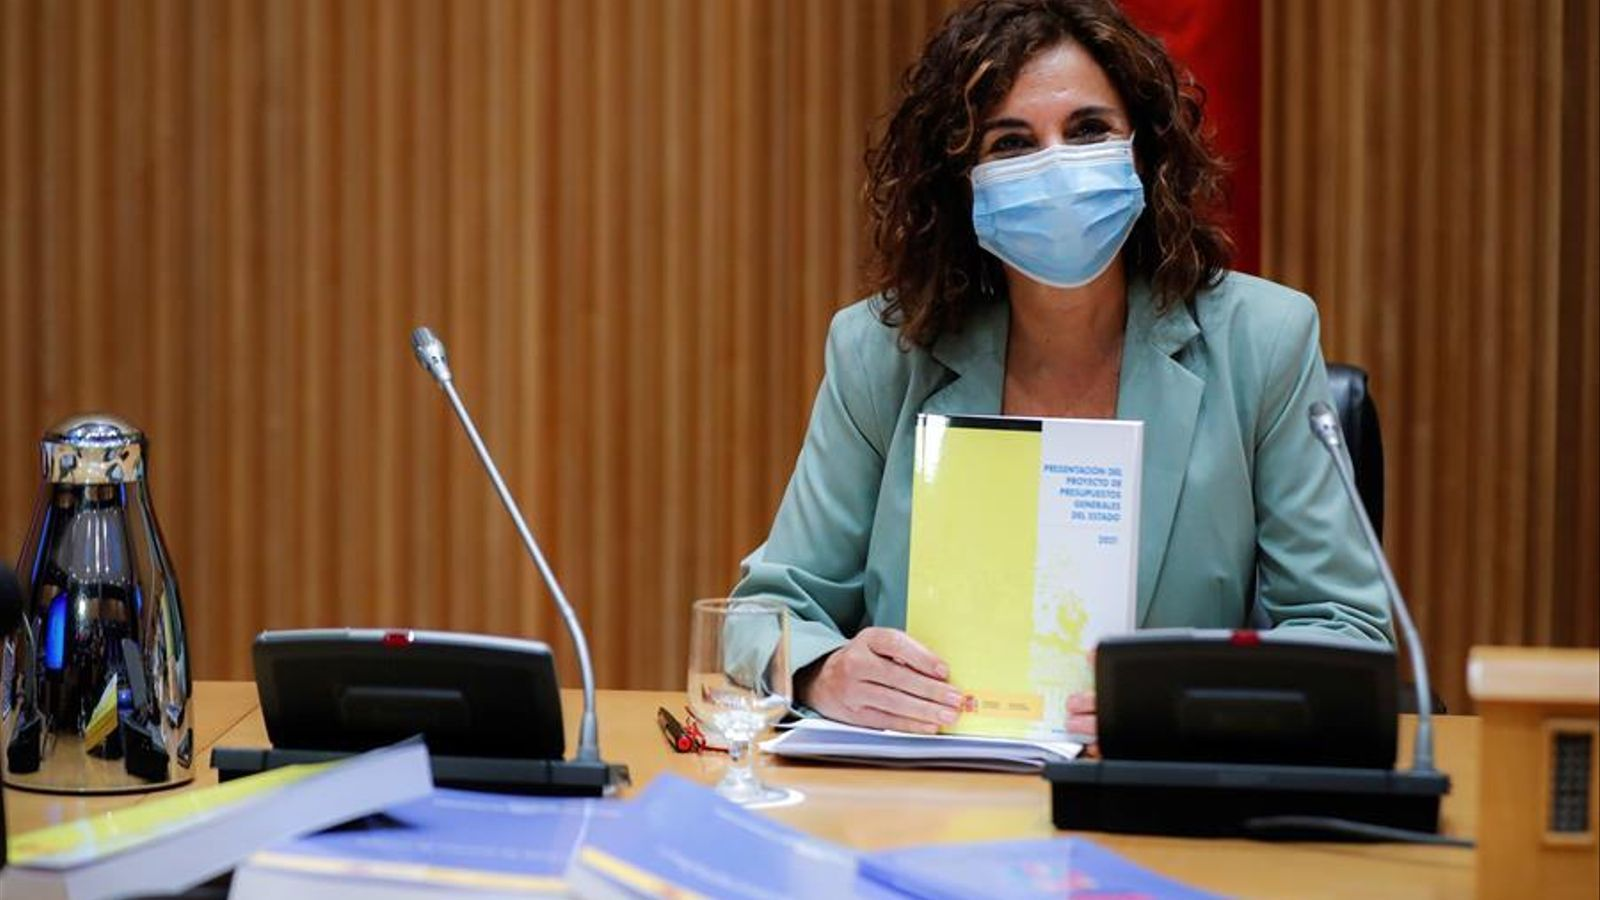 La ministra d'Hisenda, Maria Jesús Montero, durant la presentació dels pressupostos generals de l'Estat al Congrés dels Diputats